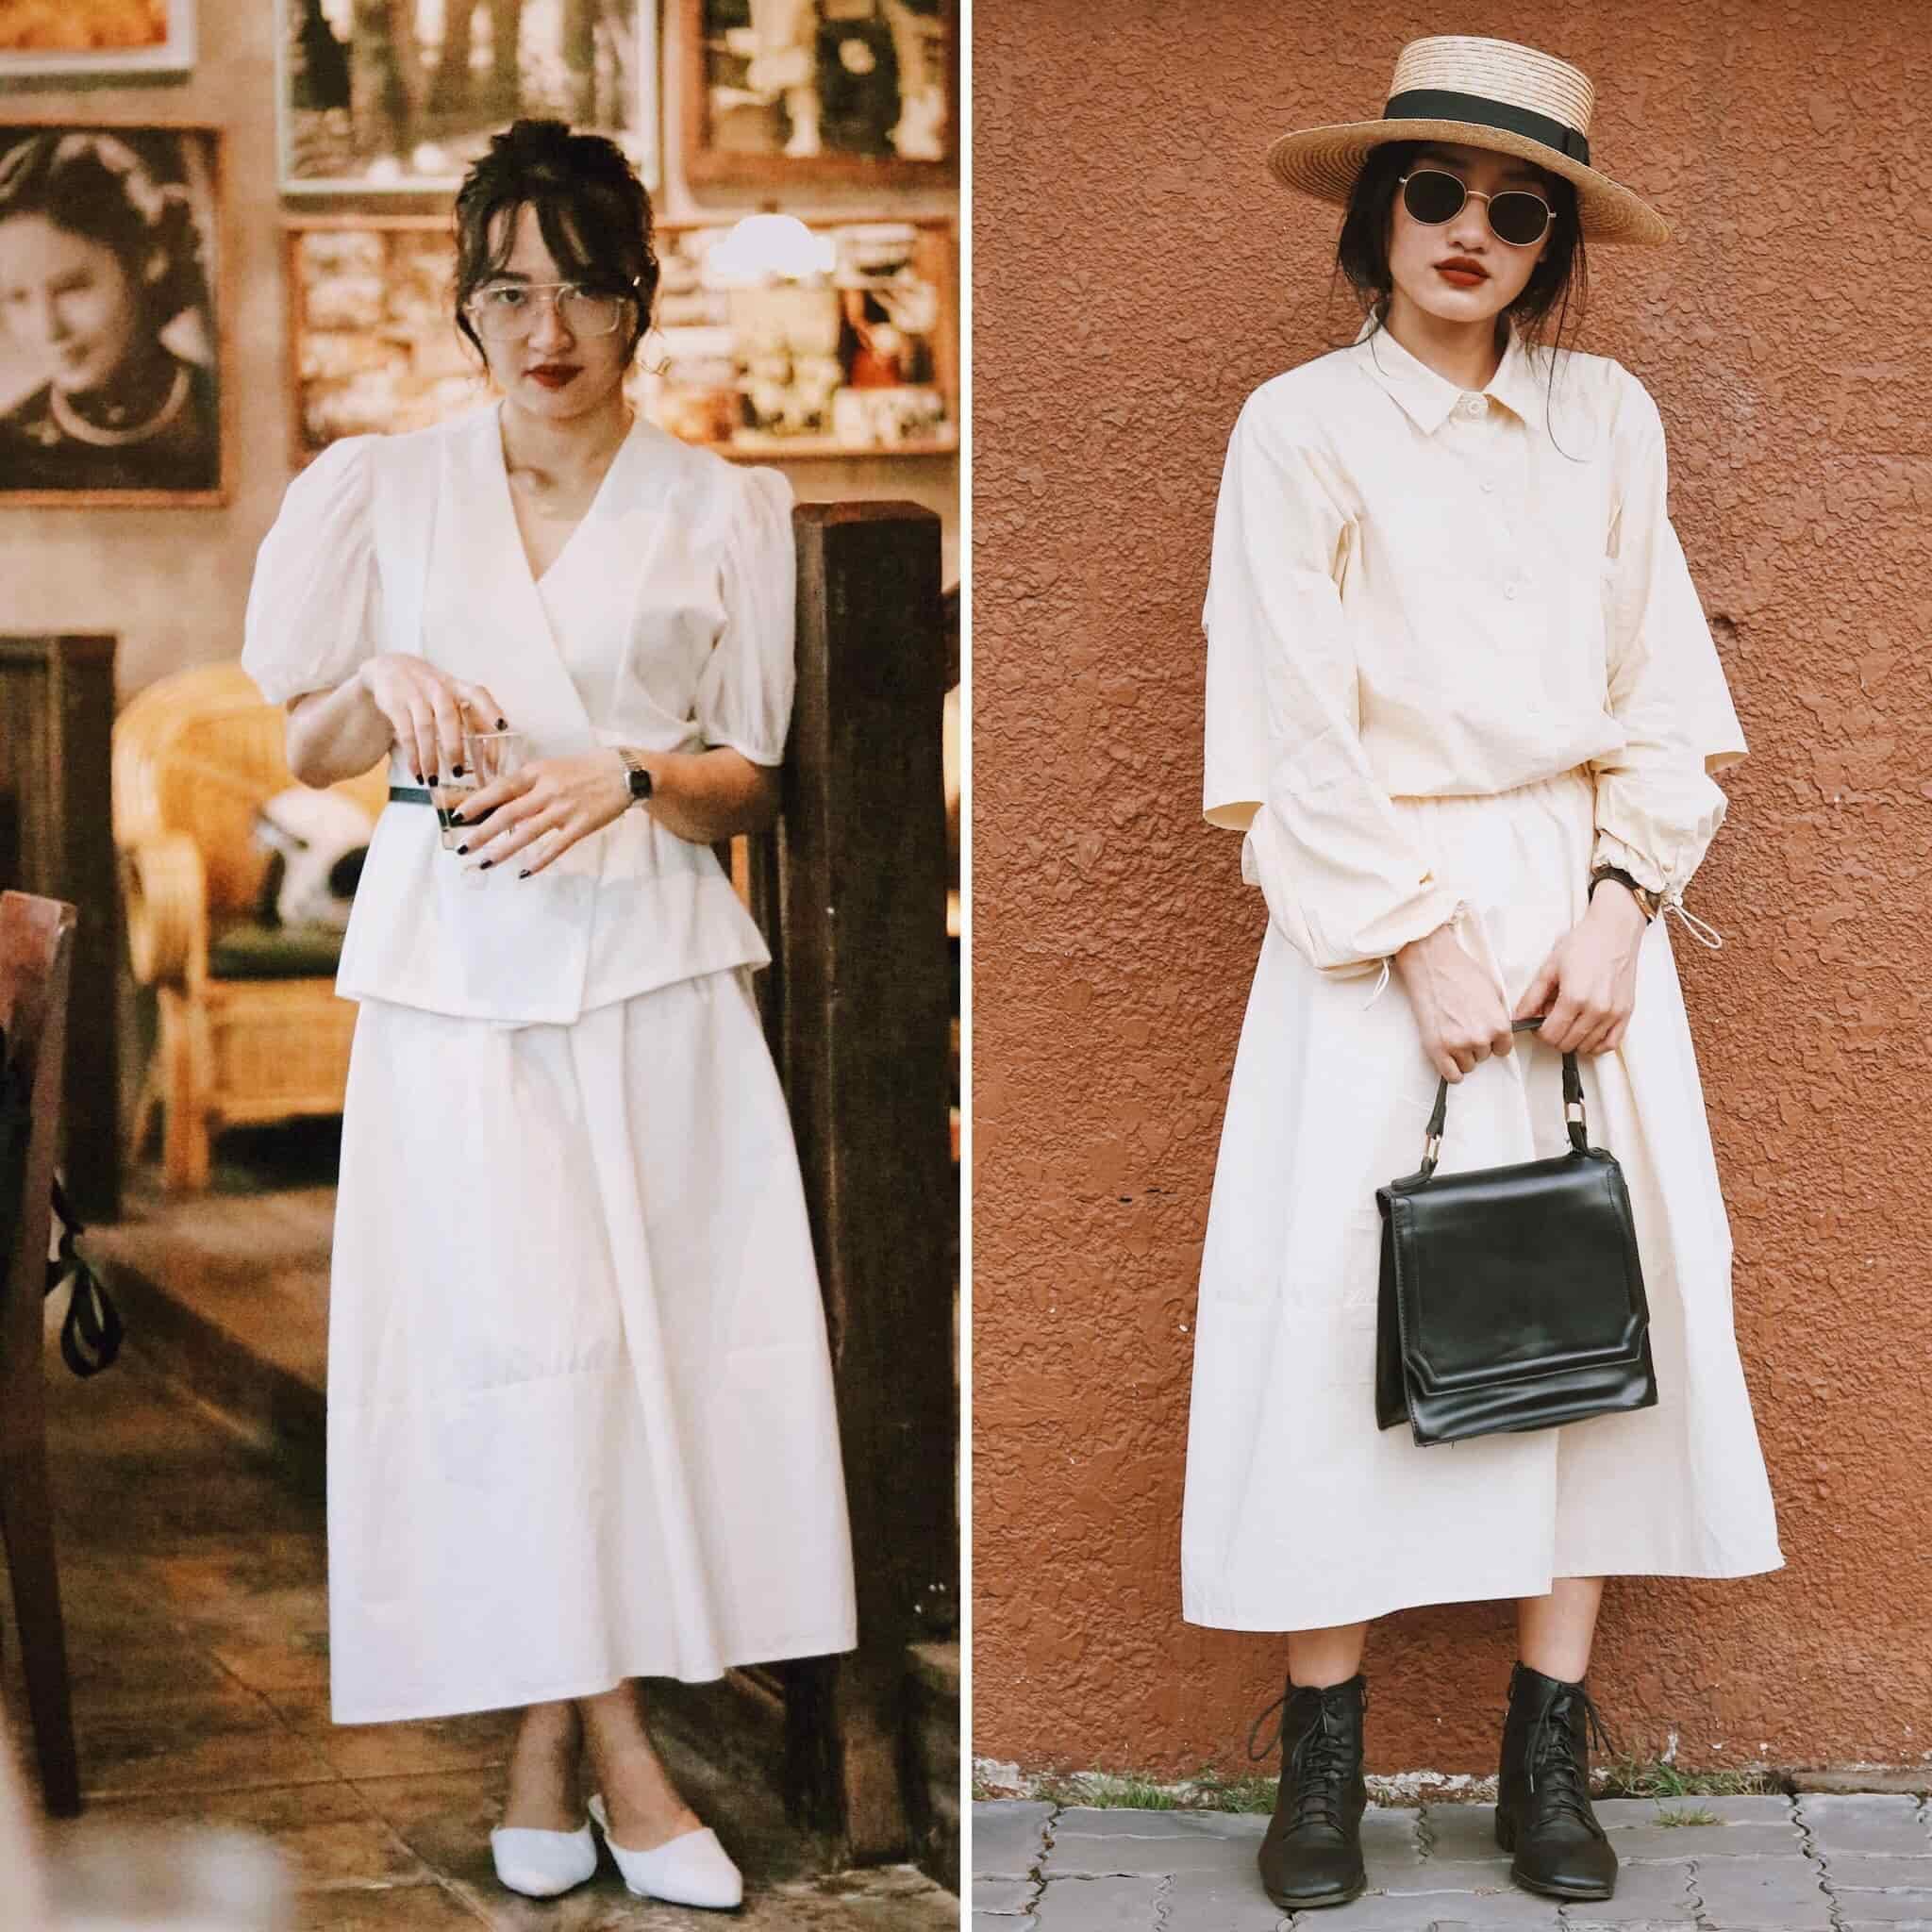 Mượn đồ chị mặc, cô em U30 biến hoá sành điệu: Bật mí chiêu tiết kiệm mua 1 mặc 2 - 13